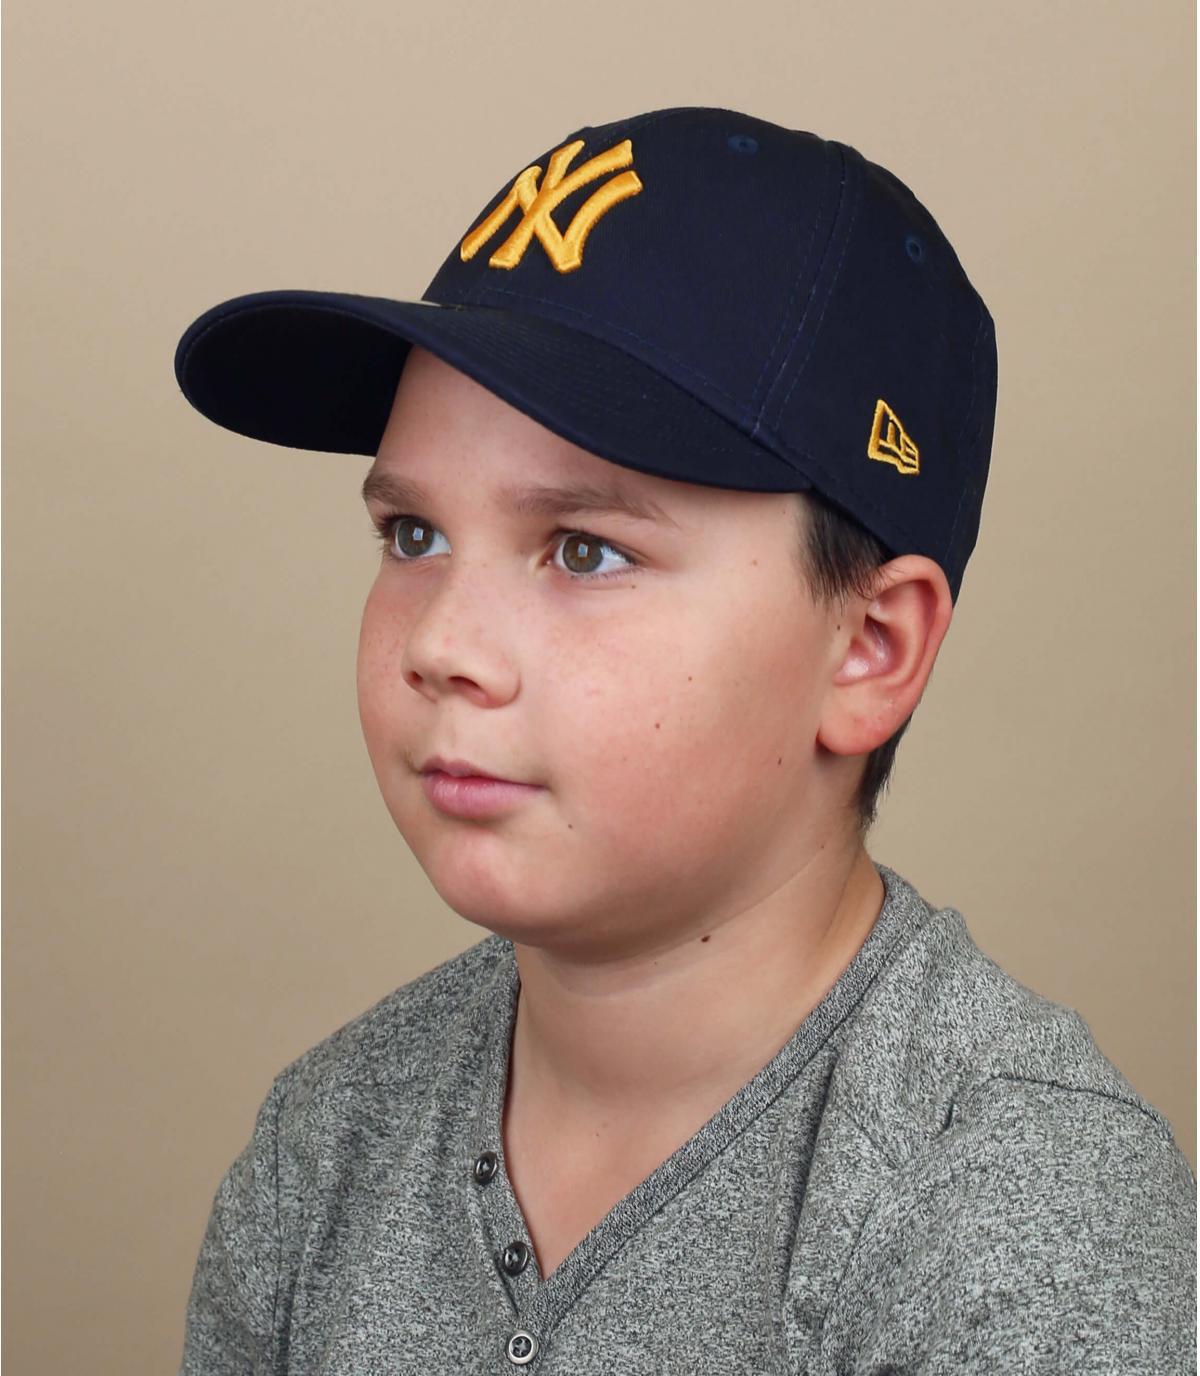 Gorra infantil NY azul marino